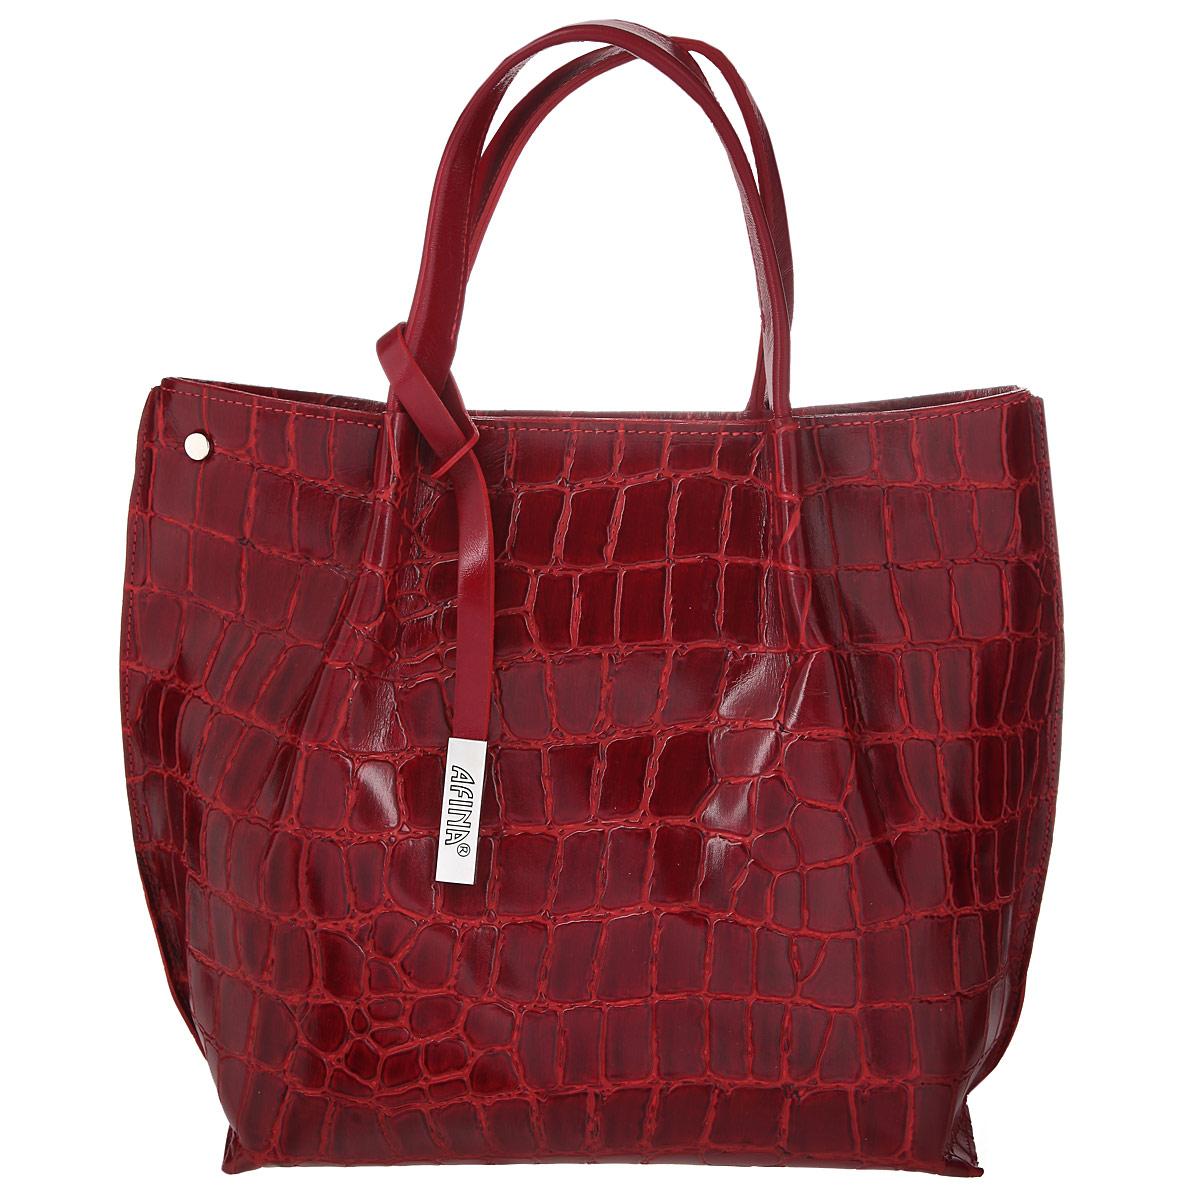 Сумка женская Afina, цвет: красный. 865865Изысканная женская сумка Афина выполнена из натуральной качественной кожи. Сумка закрывается на пластиковую застежку-молнию. Внутри - большое отделение, разделенное средником на застежке-молнии, небольшой втачной кармашек на застежке-молнии и два накладных кармашка для телефона, мелочей. На задней стенке - втачной карман на застежке-молнии. В комплекте съемный плечевой ремень регулируемой длины. Роскошная сумка внесет элегантные нотки в ваш образ и подчеркнет ваше отменное чувство стиля.